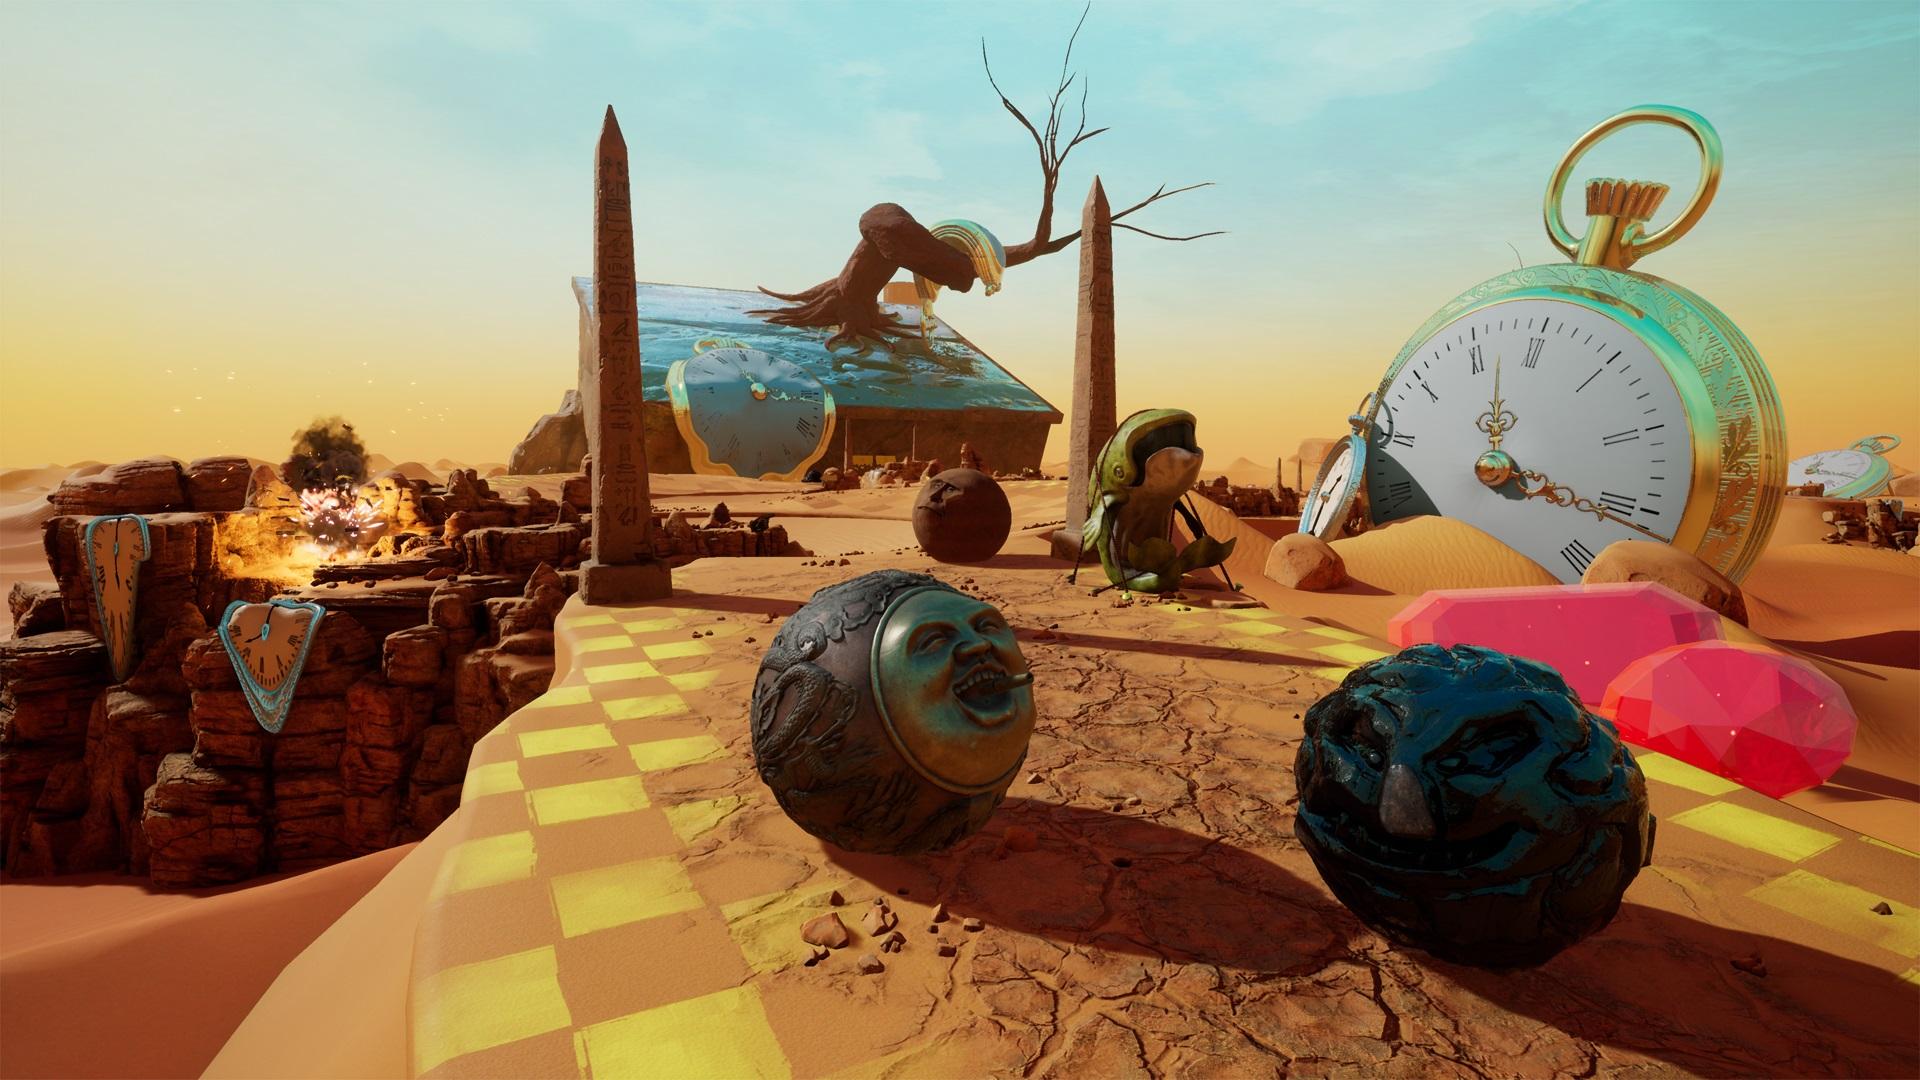 Datas de lançamento do Rock of Ages II definidas para o final de agosto